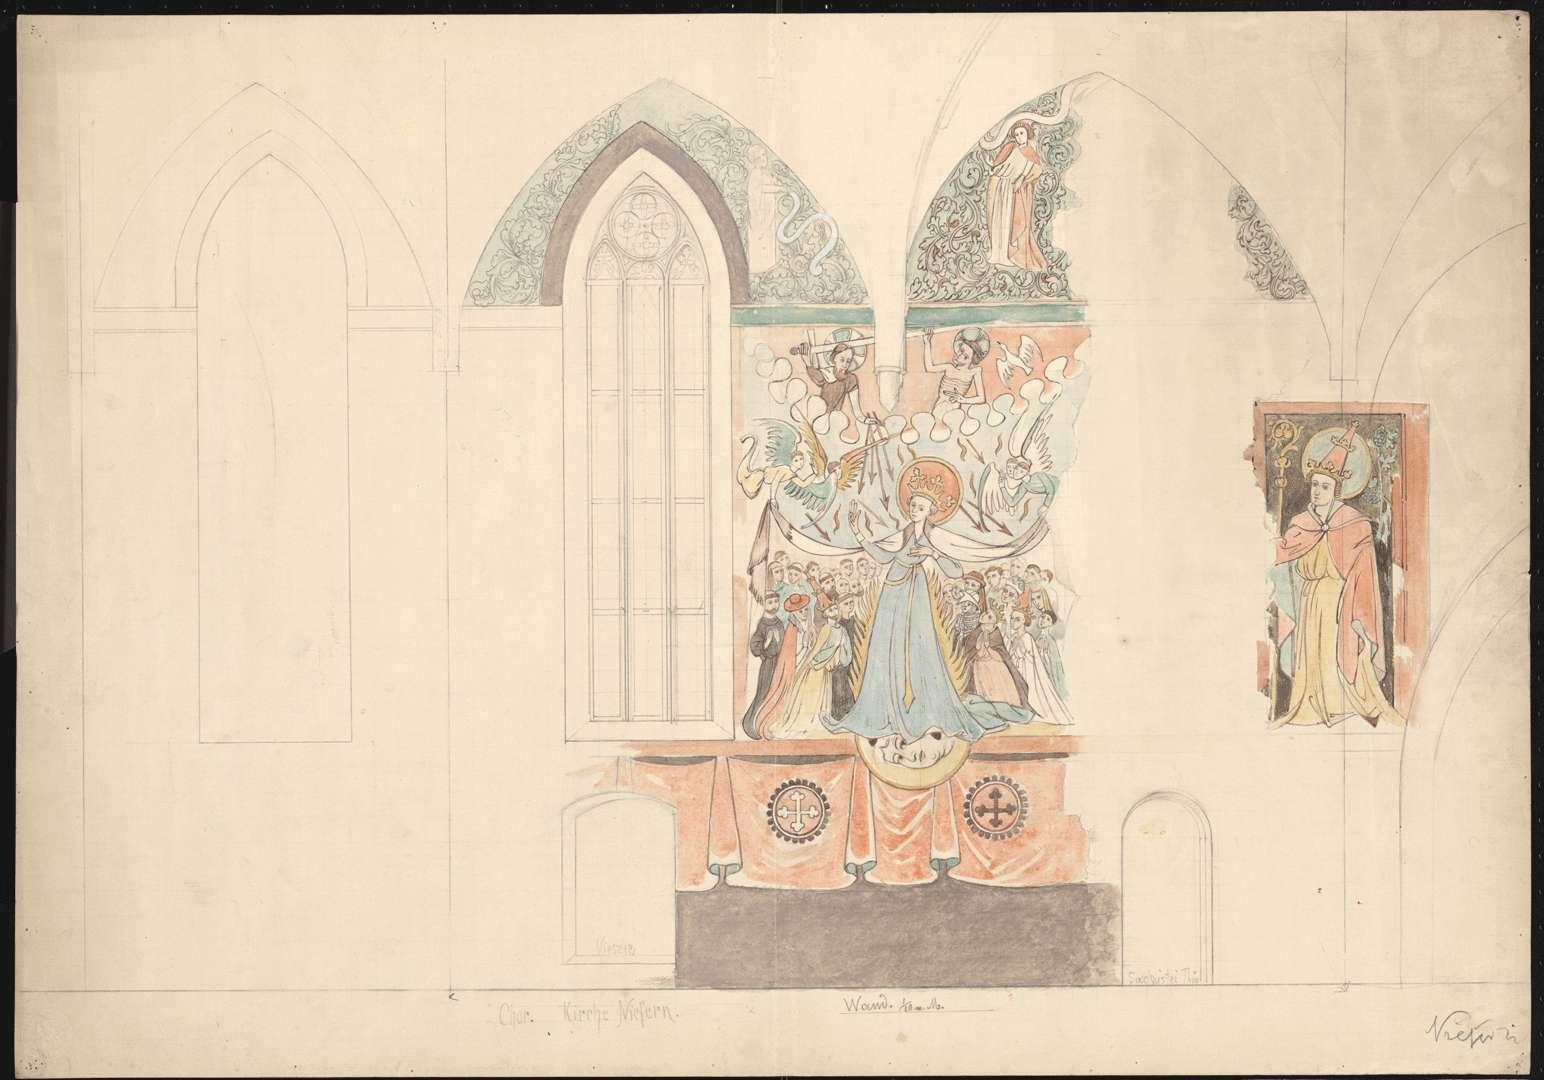 Niefern Evangelische Pfarrkirche Schutzmantel-Madonna an der Chorsüdwand, daneben ein heiliger Bischof, Bild 1